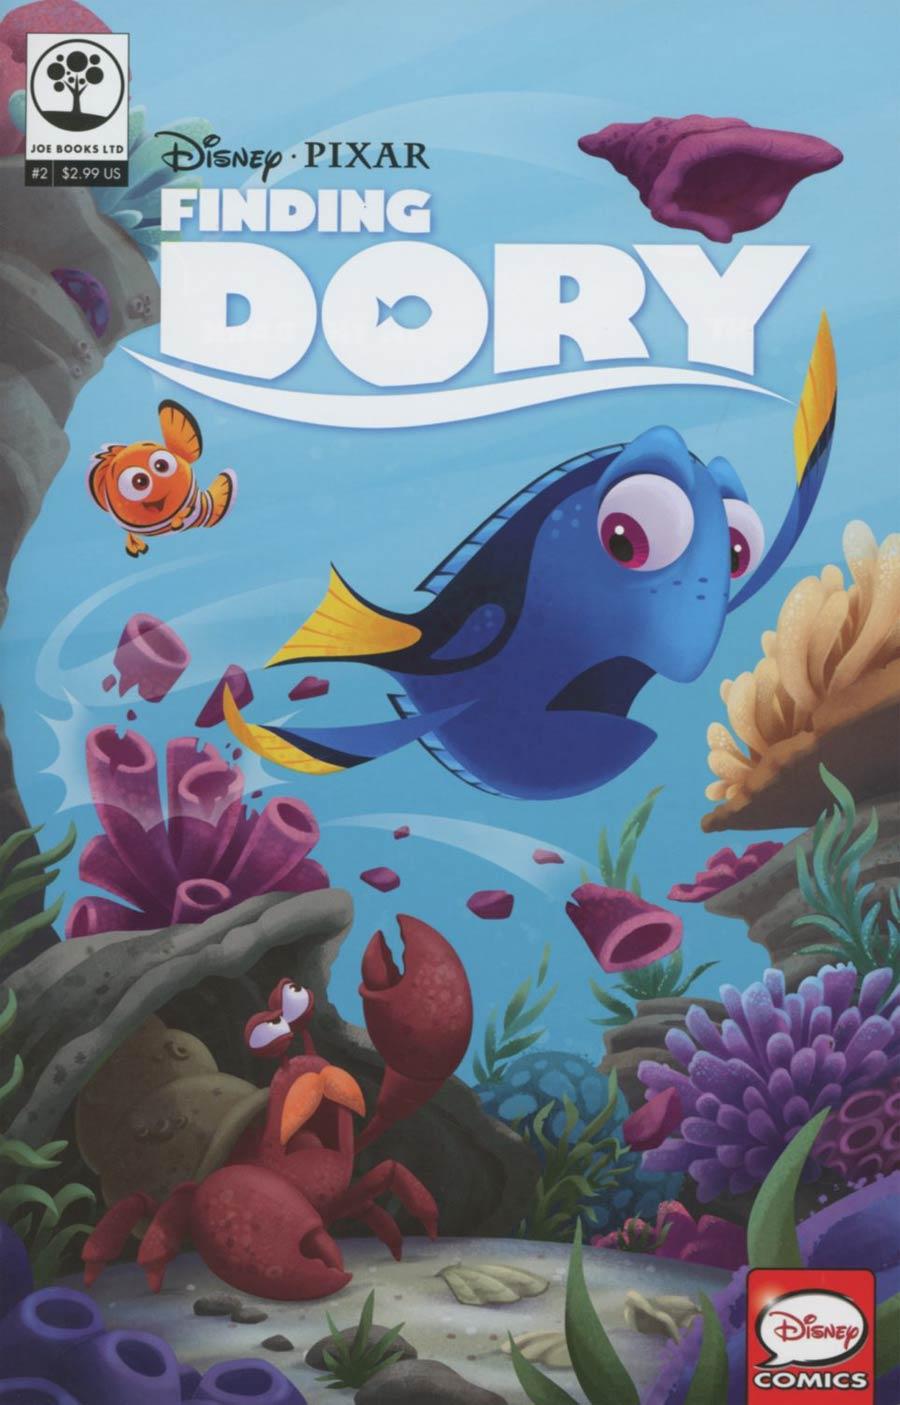 Disney Pixars Finding Dory #2